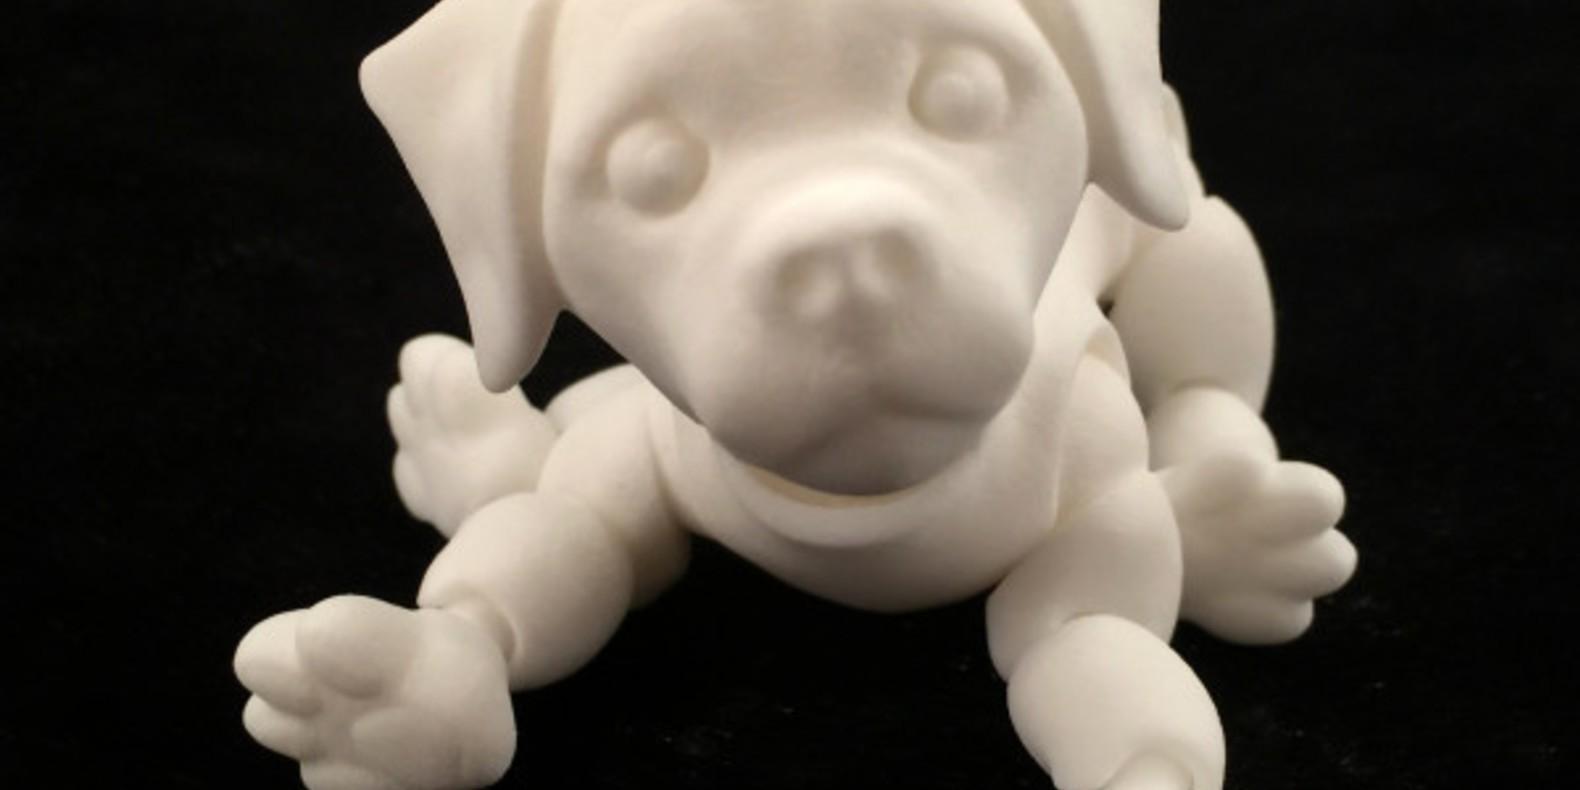 8.Puppy-Jazmy animaux imprimés en 3D Cults fichier 3D 3D model 3D printing